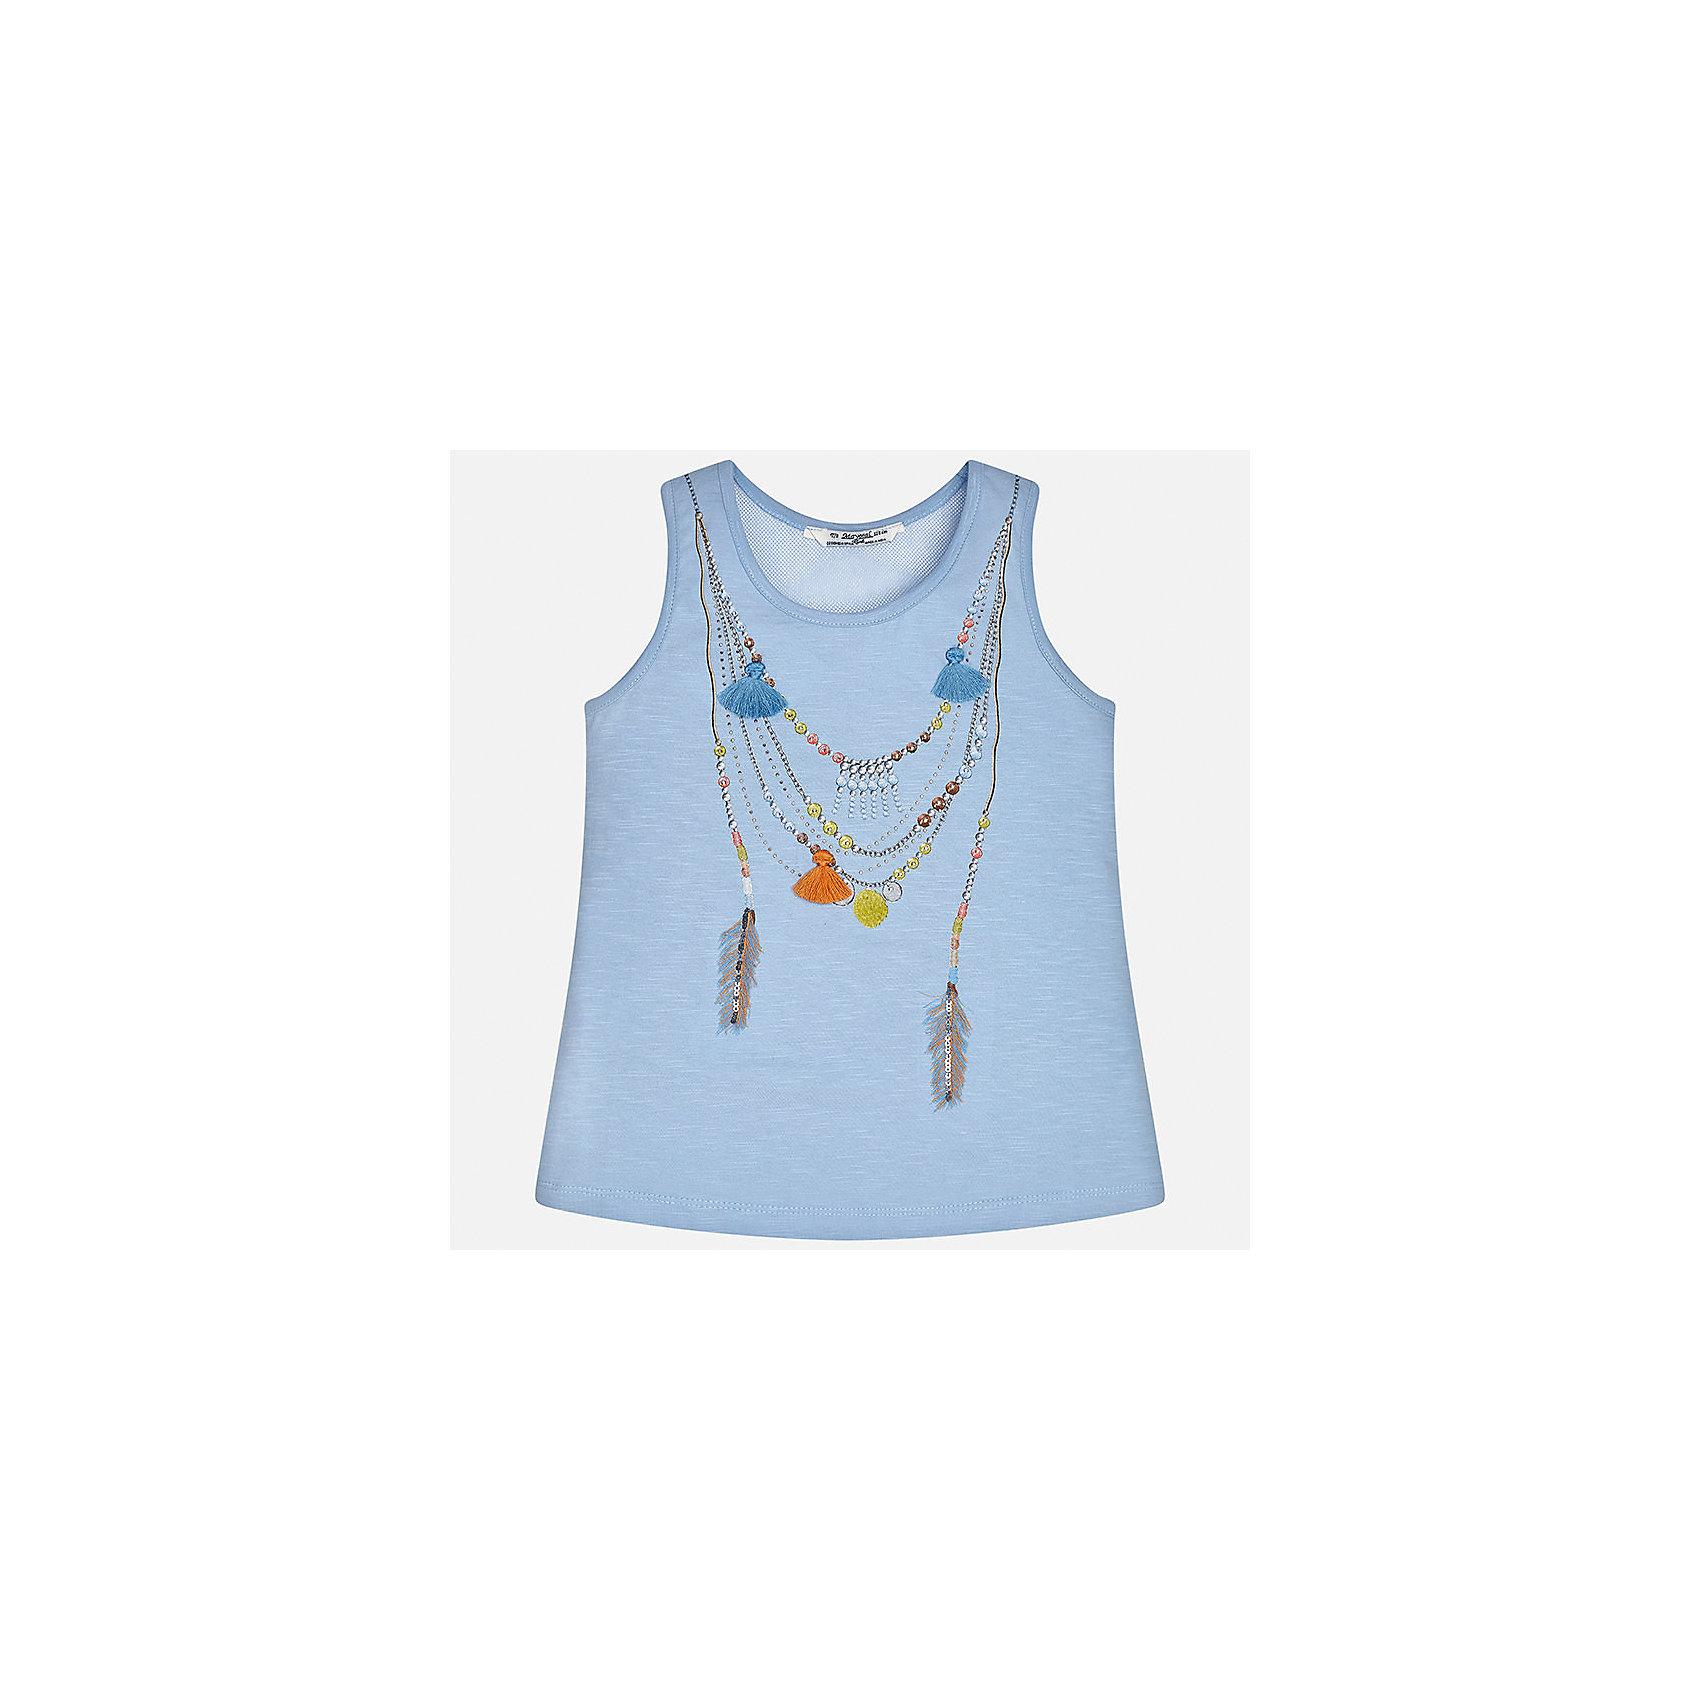 Майка для девочки MayoralФутболки, поло и топы<br>Характеристики товара:<br><br>• цвет: голубой<br>• состав: 100% хлопок<br>• эластичный материал<br>• декорирована принтом<br>• округлый горловой вырез<br>• страна бренда: Испания<br><br>Стильная качественная майка для девочки поможет разнообразить гардероб ребенка и украсить наряд. Она отлично сочетается и с юбками, и с шортами, и с брюками. Универсальный цвет позволяет подобрать к вещи низ практически любой расцветки. Интересная отделка модели делает её нарядной и оригинальной. В составе материала - только натуральный хлопок, гипоаллергенный, приятный на ощупь, дышащий.<br><br>Одежда, обувь и аксессуары от испанского бренда Mayoral полюбились детям и взрослым по всему миру. Модели этой марки - стильные и удобные. Для их производства используются только безопасные, качественные материалы и фурнитура. Порадуйте ребенка модными и красивыми вещами от Mayoral! <br><br>Майку для девочки от испанского бренда Mayoral (Майорал) можно купить в нашем интернет-магазине.<br><br>Ширина мм: 199<br>Глубина мм: 10<br>Высота мм: 161<br>Вес г: 151<br>Цвет: голубой<br>Возраст от месяцев: 168<br>Возраст до месяцев: 180<br>Пол: Женский<br>Возраст: Детский<br>Размер: 140,152,158,164,128/134,170<br>SKU: 5292596